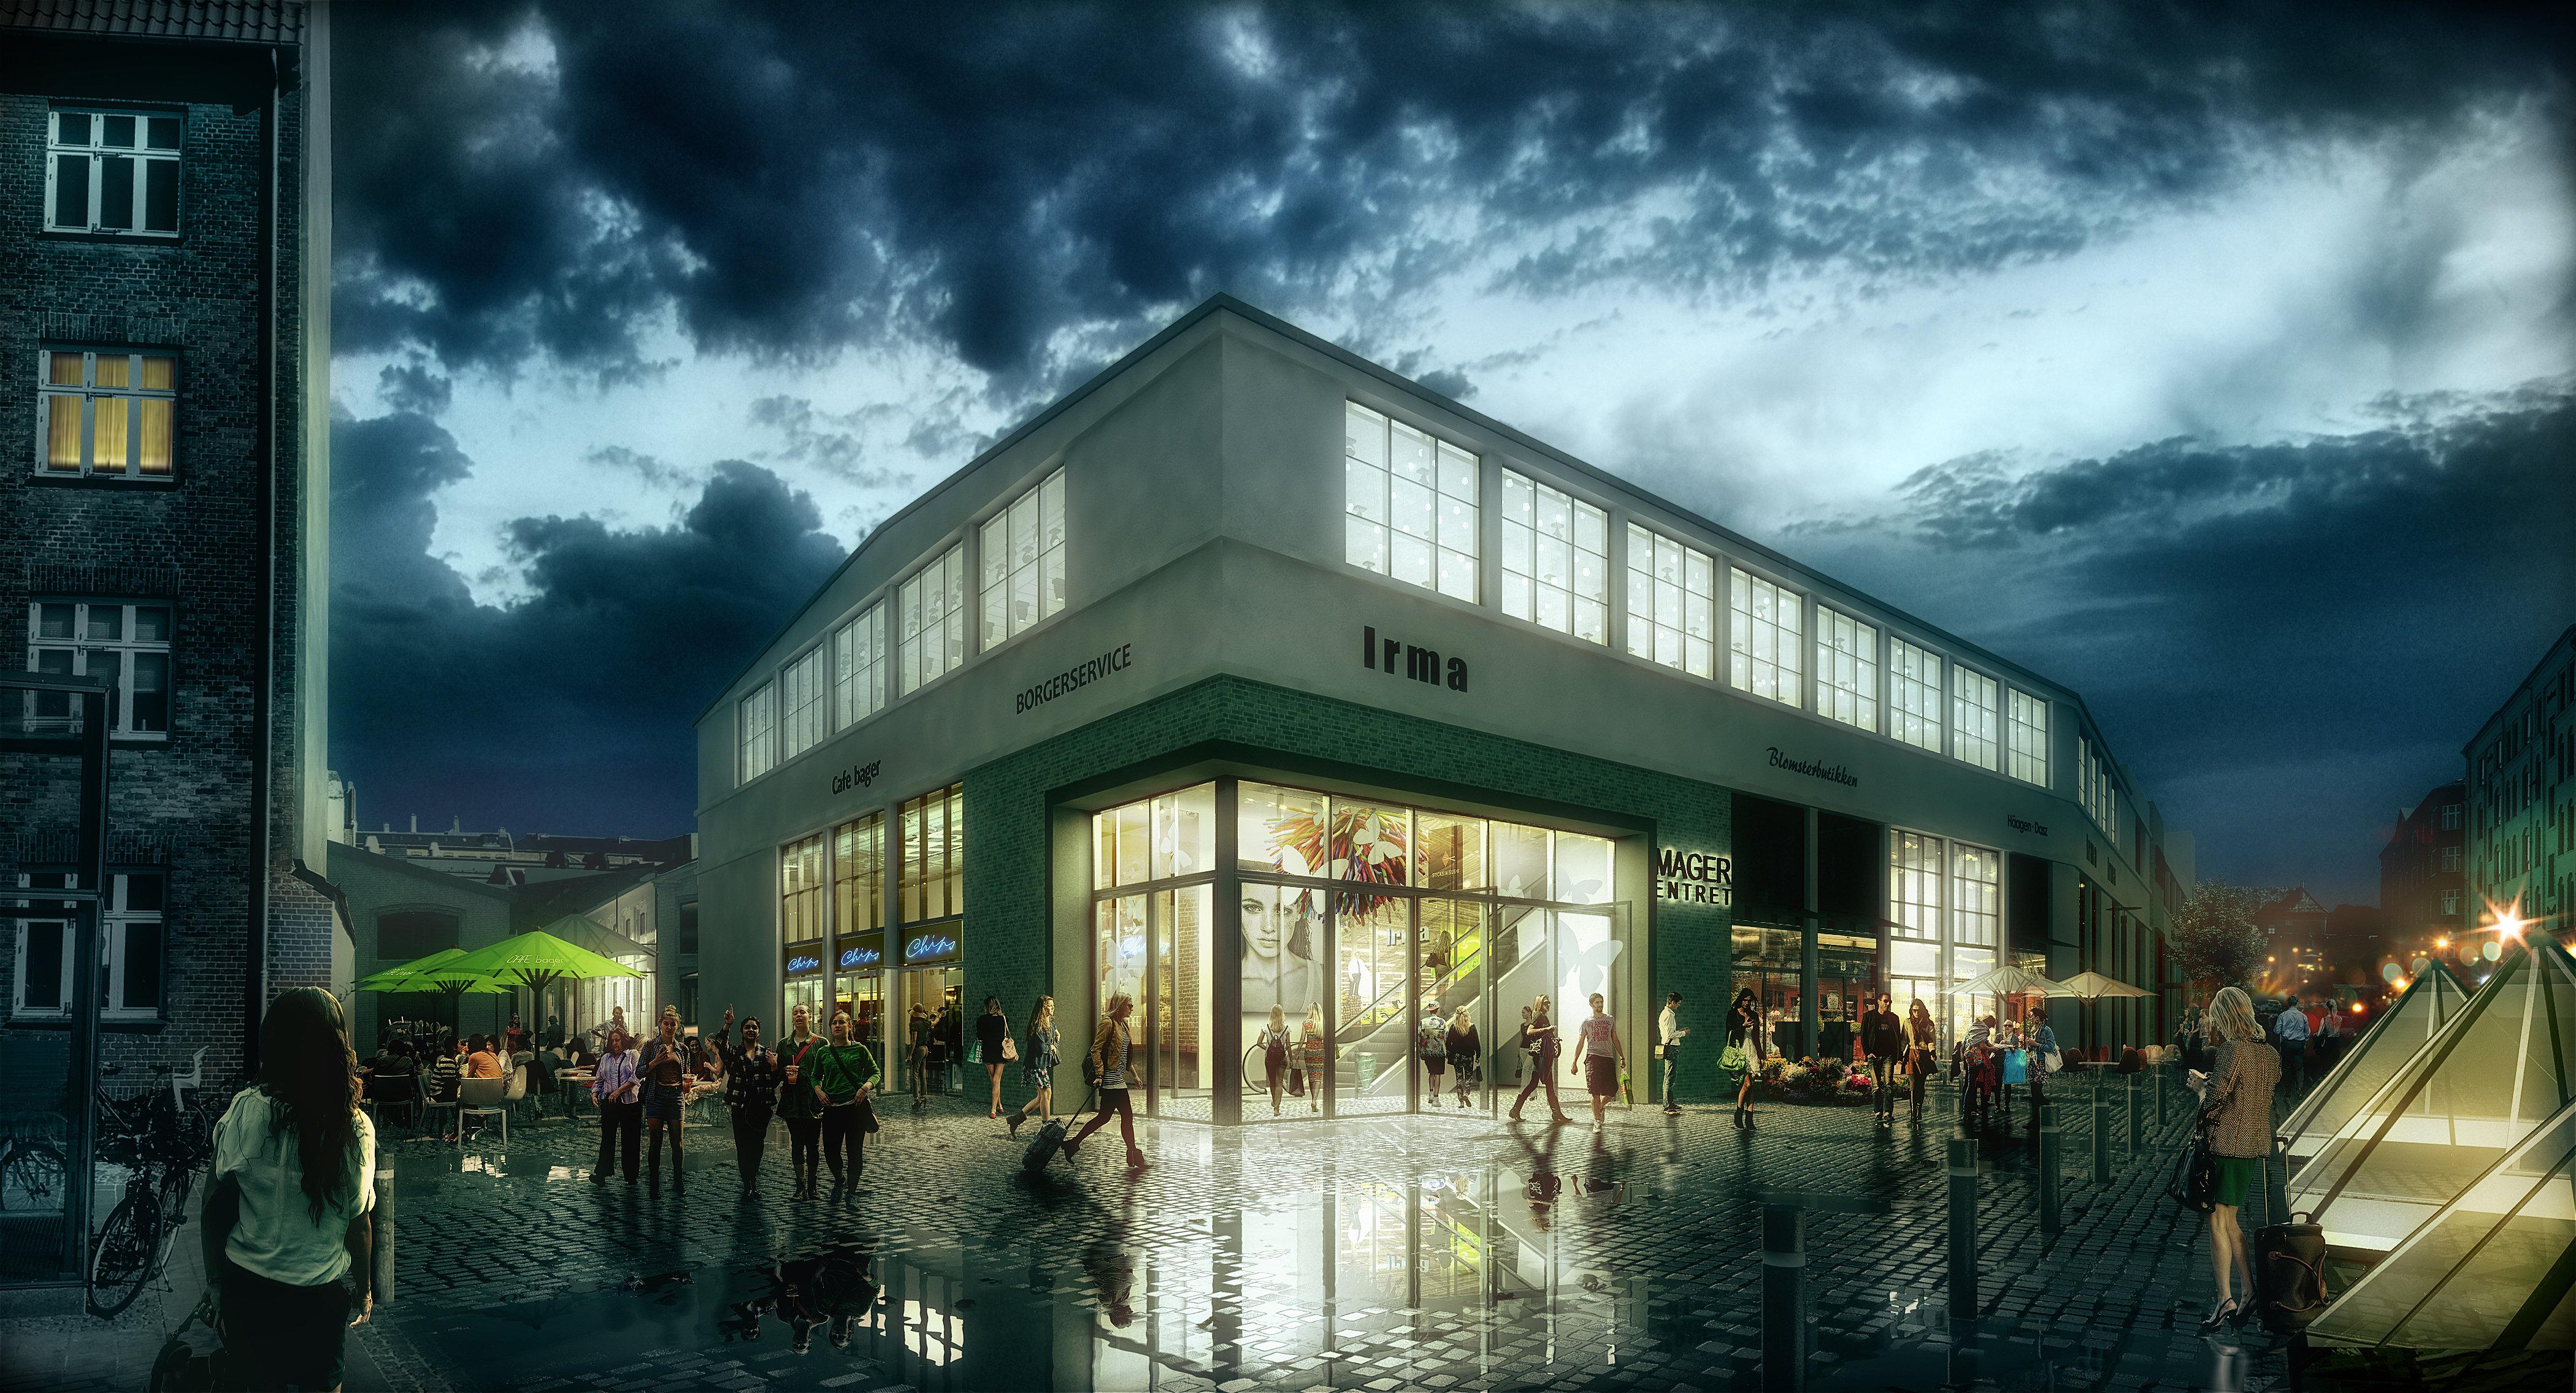 Amager Centret Moderniseres I Storstilet Ombygning Retailnews